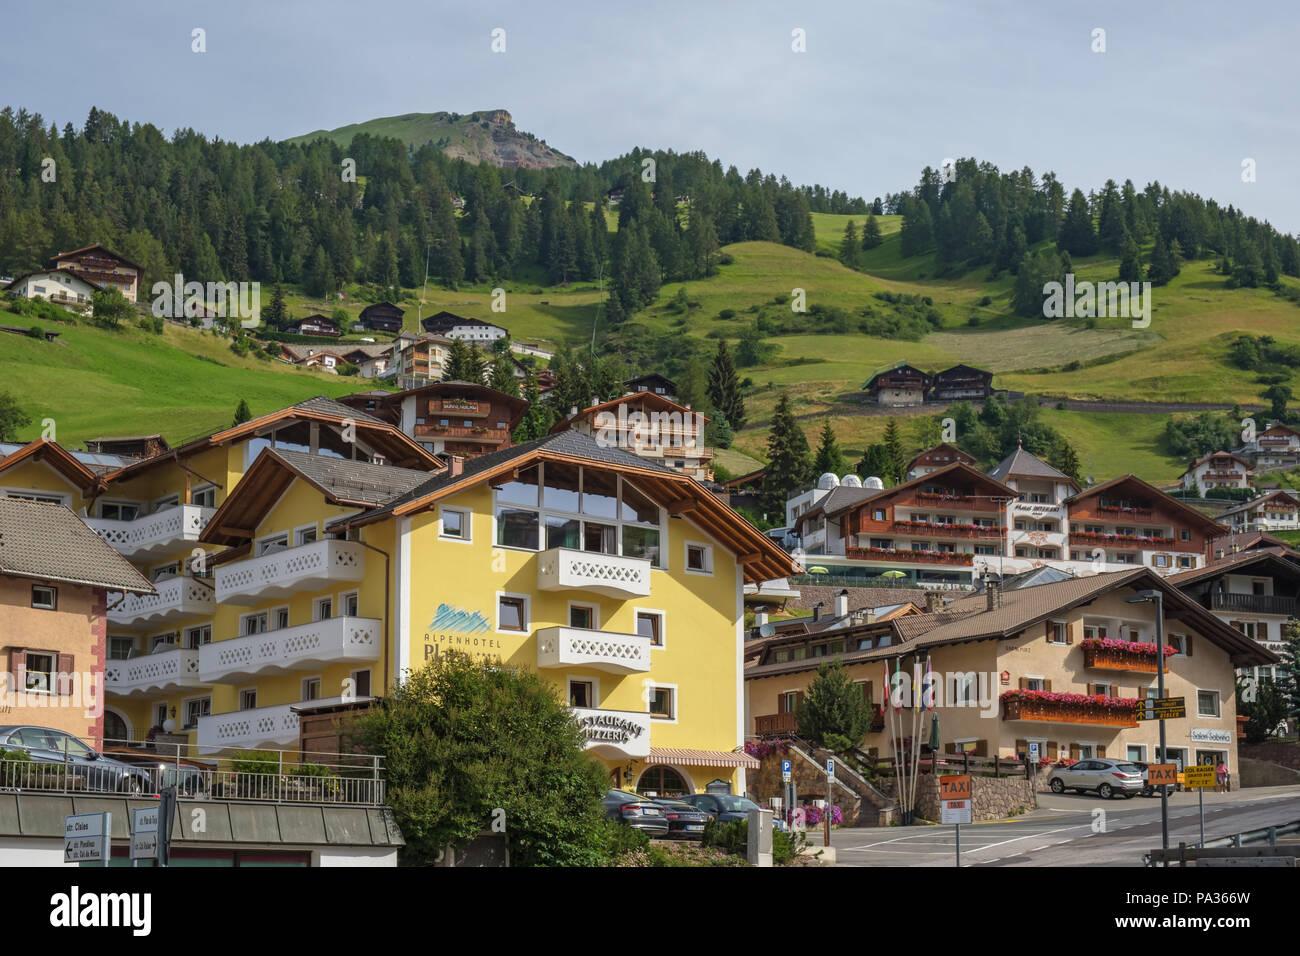 Cityscape at Santa Cristina in Val Gardena in Italy Stock Photo